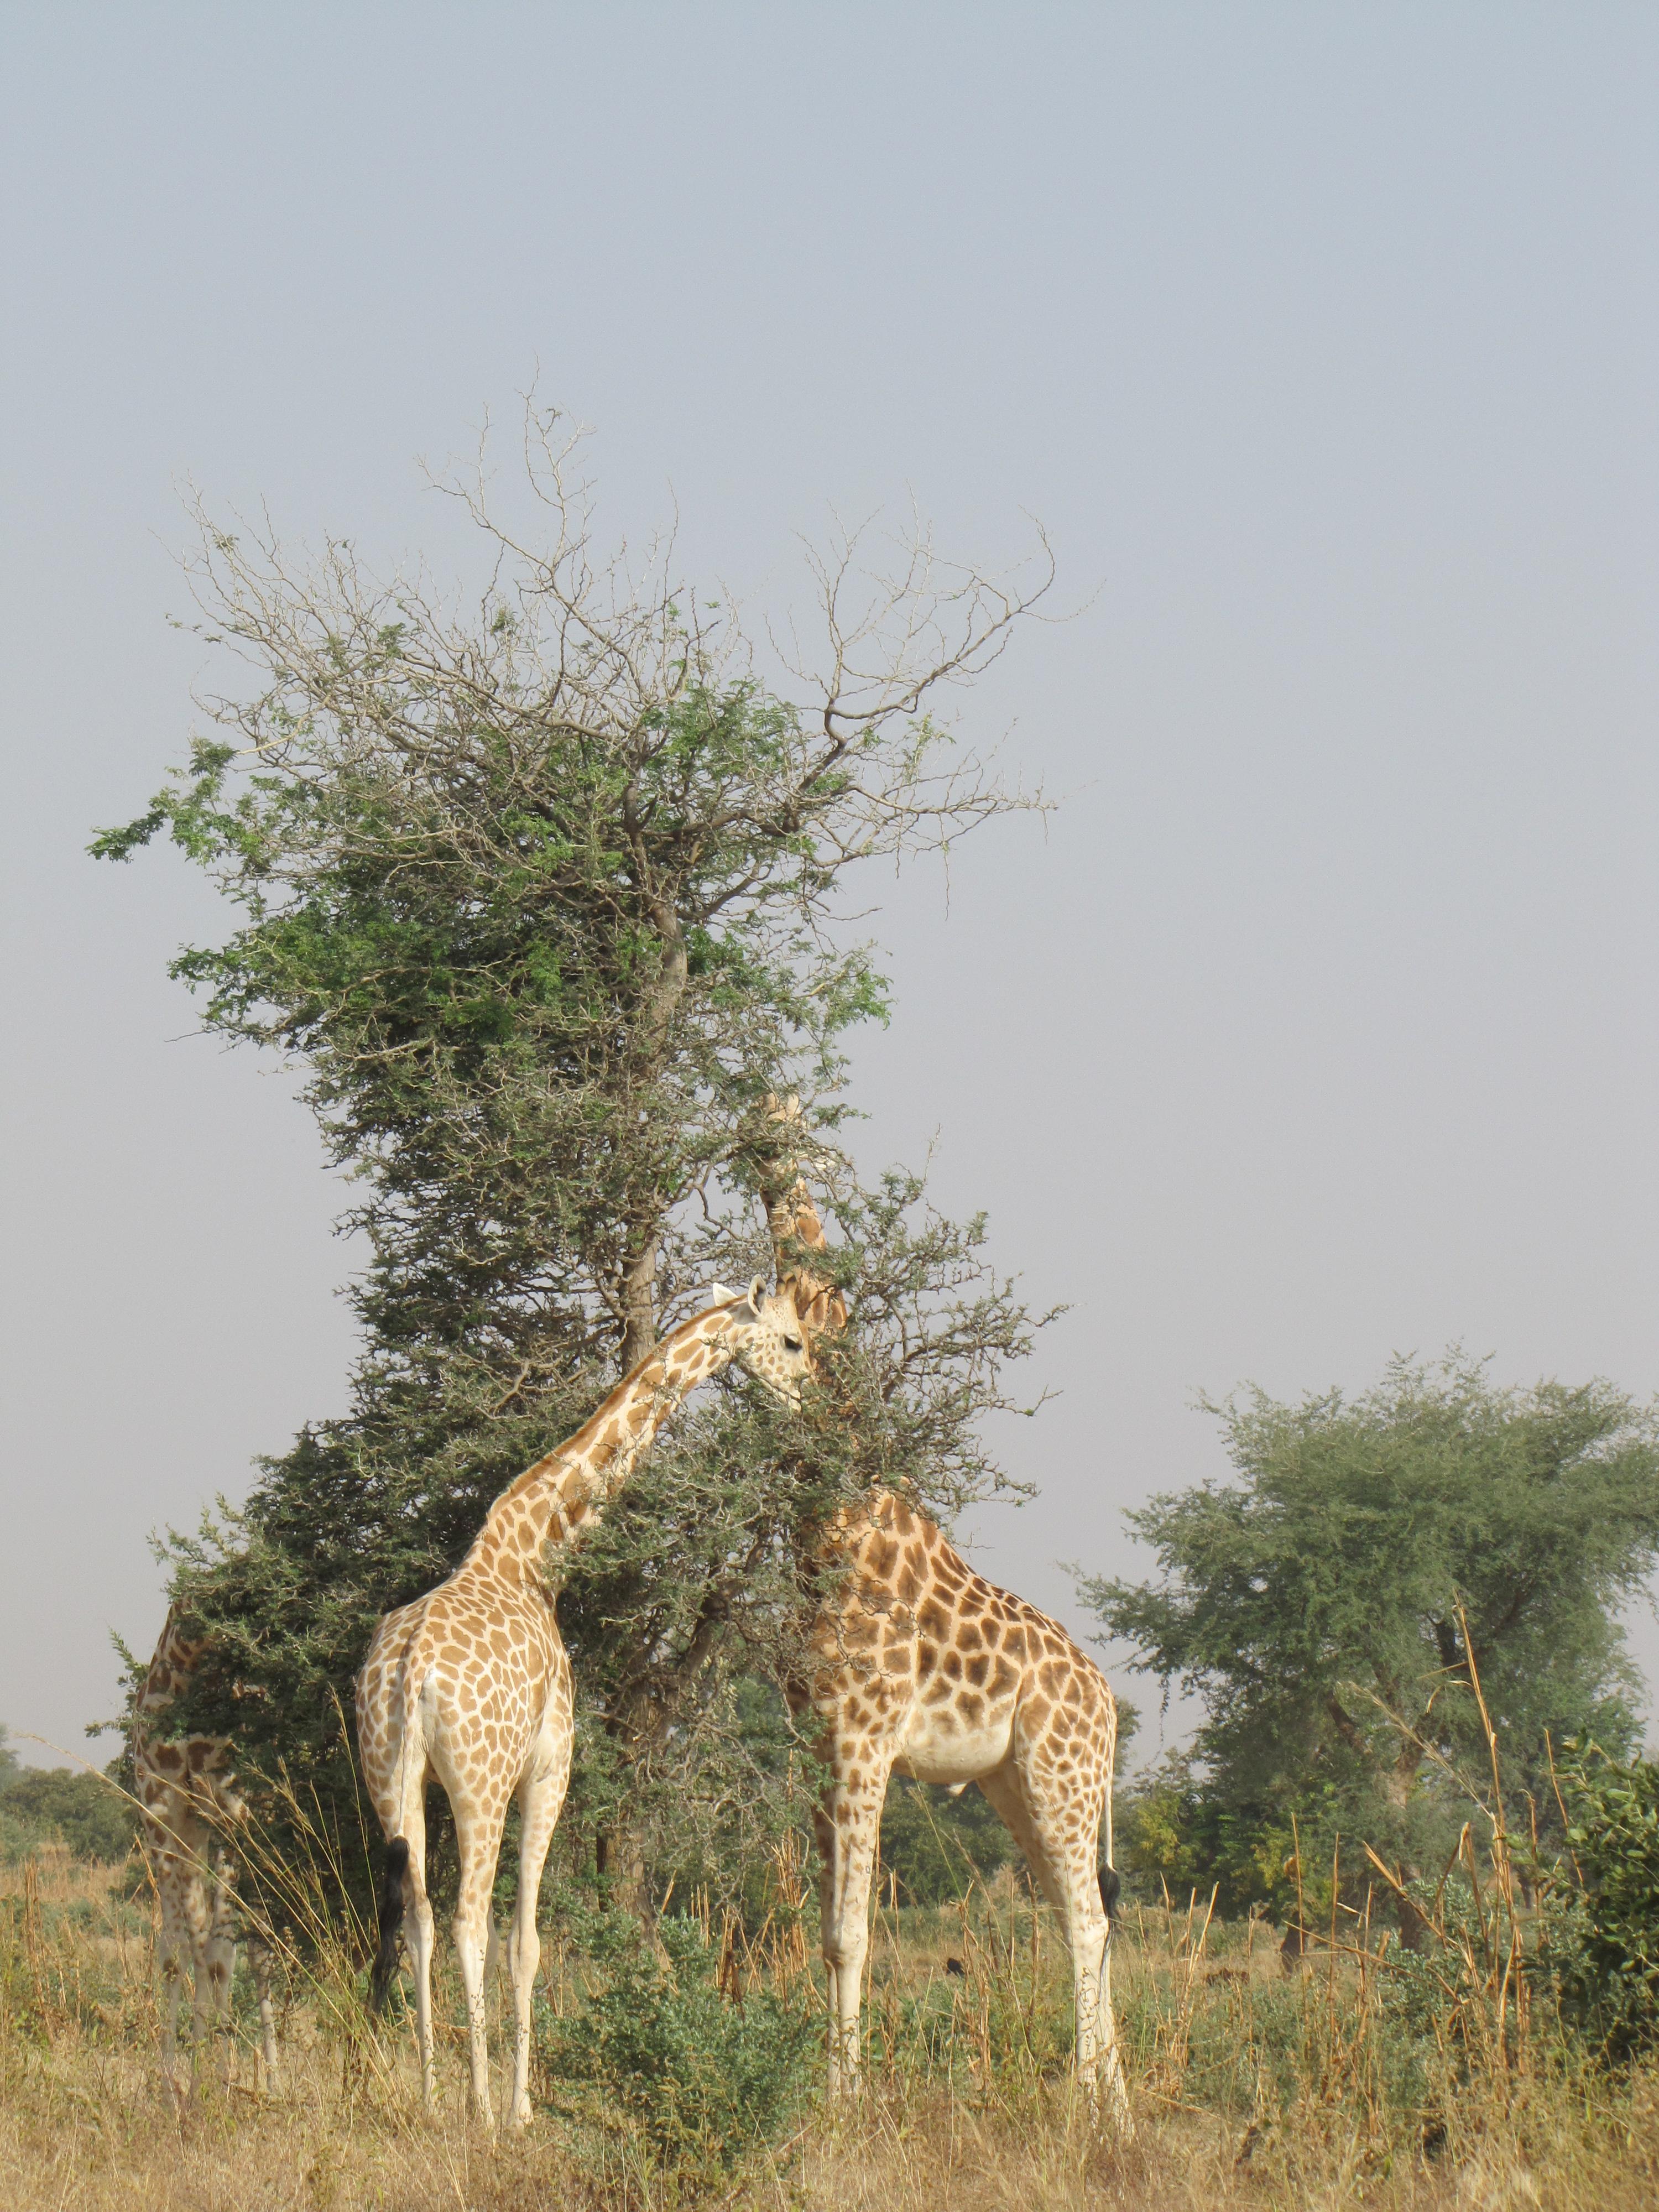 FileWest African Giraffes Near Koure